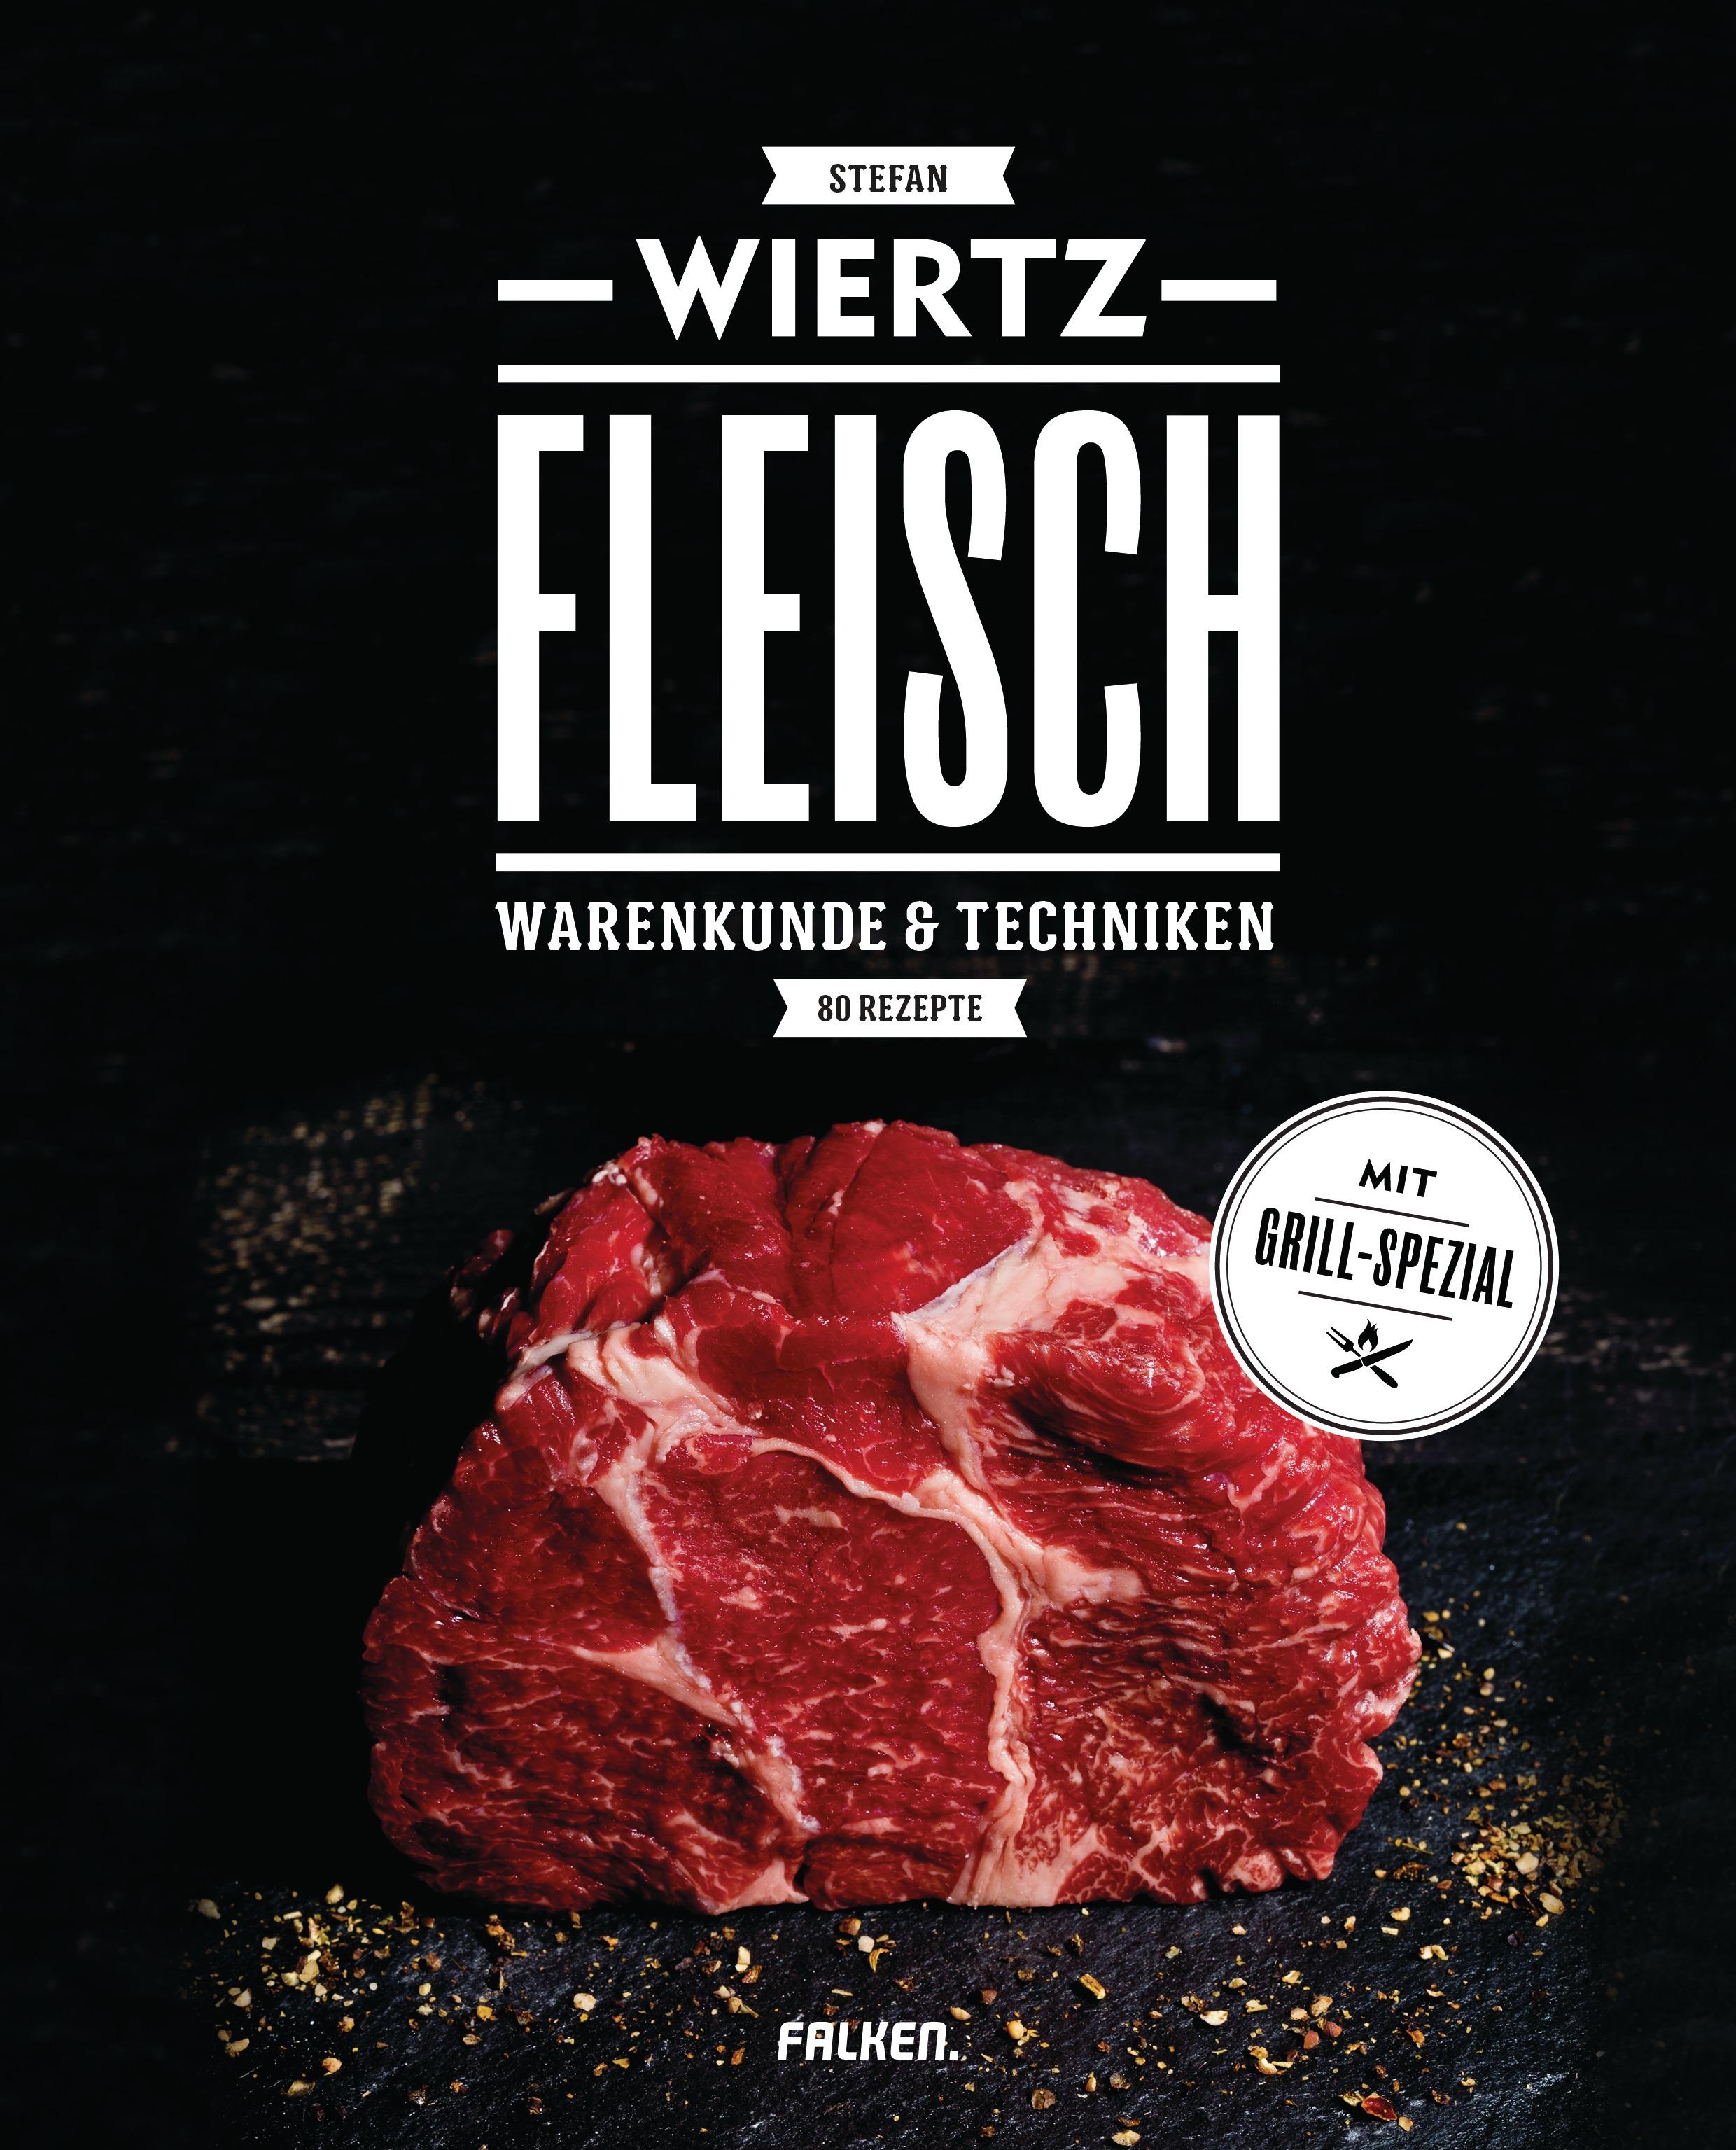 Wiertz_SFleisch_164222